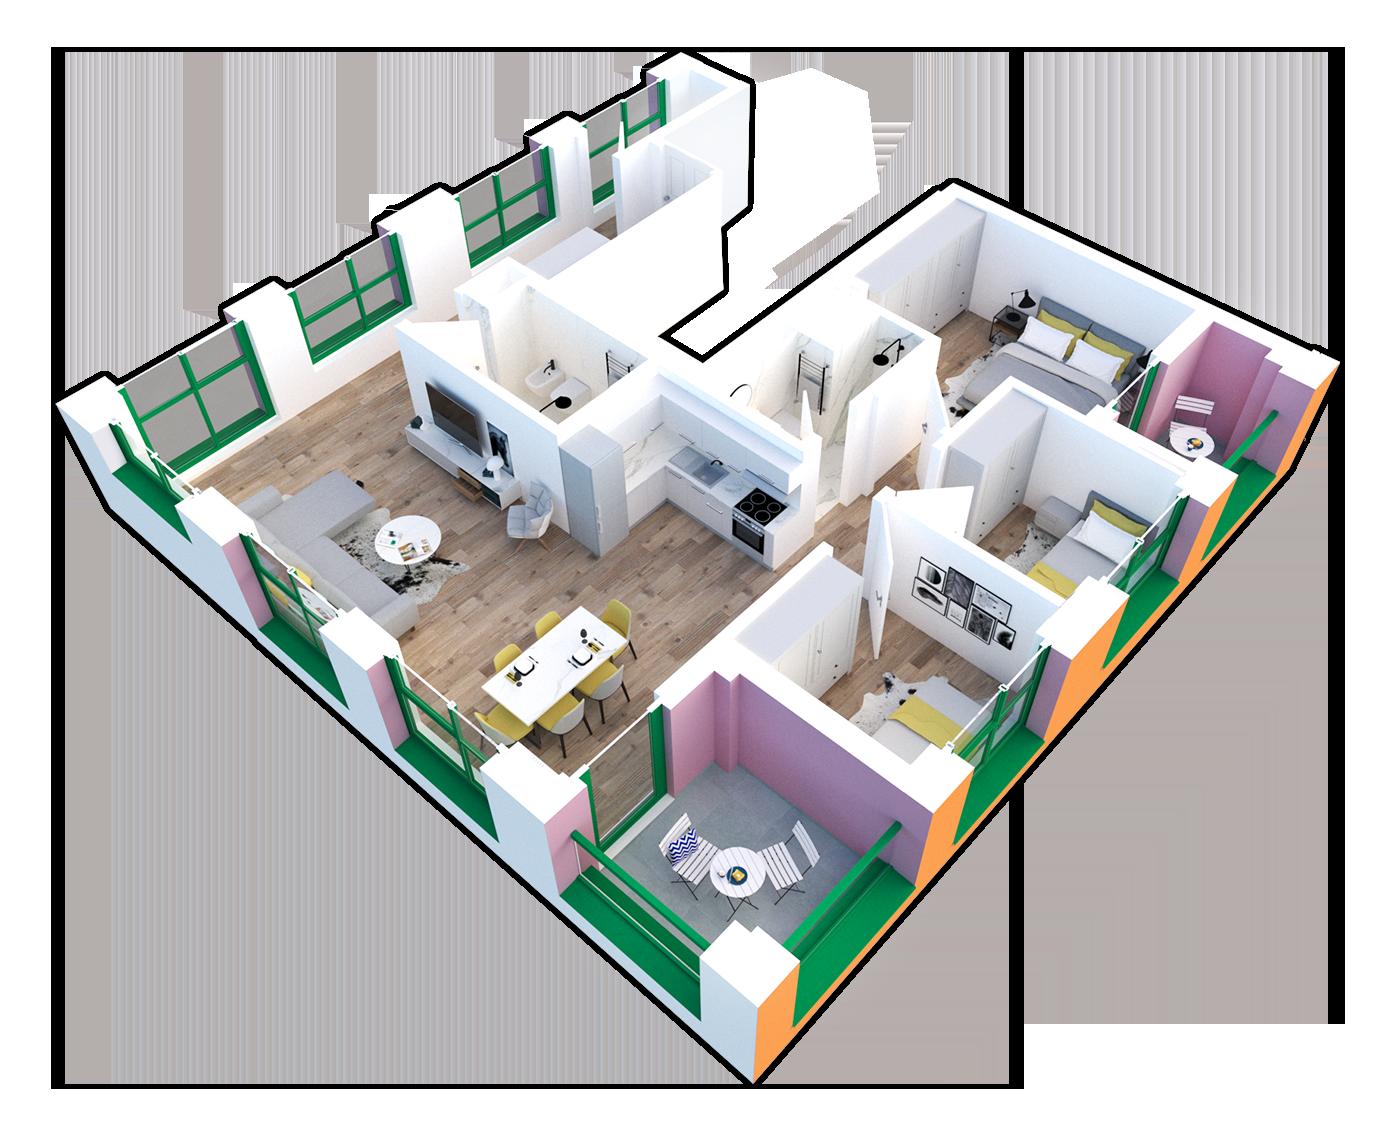 Apartament 3+1 në shitje në Tiranë - Mangalem 21 Shkalla 23 Kati 9